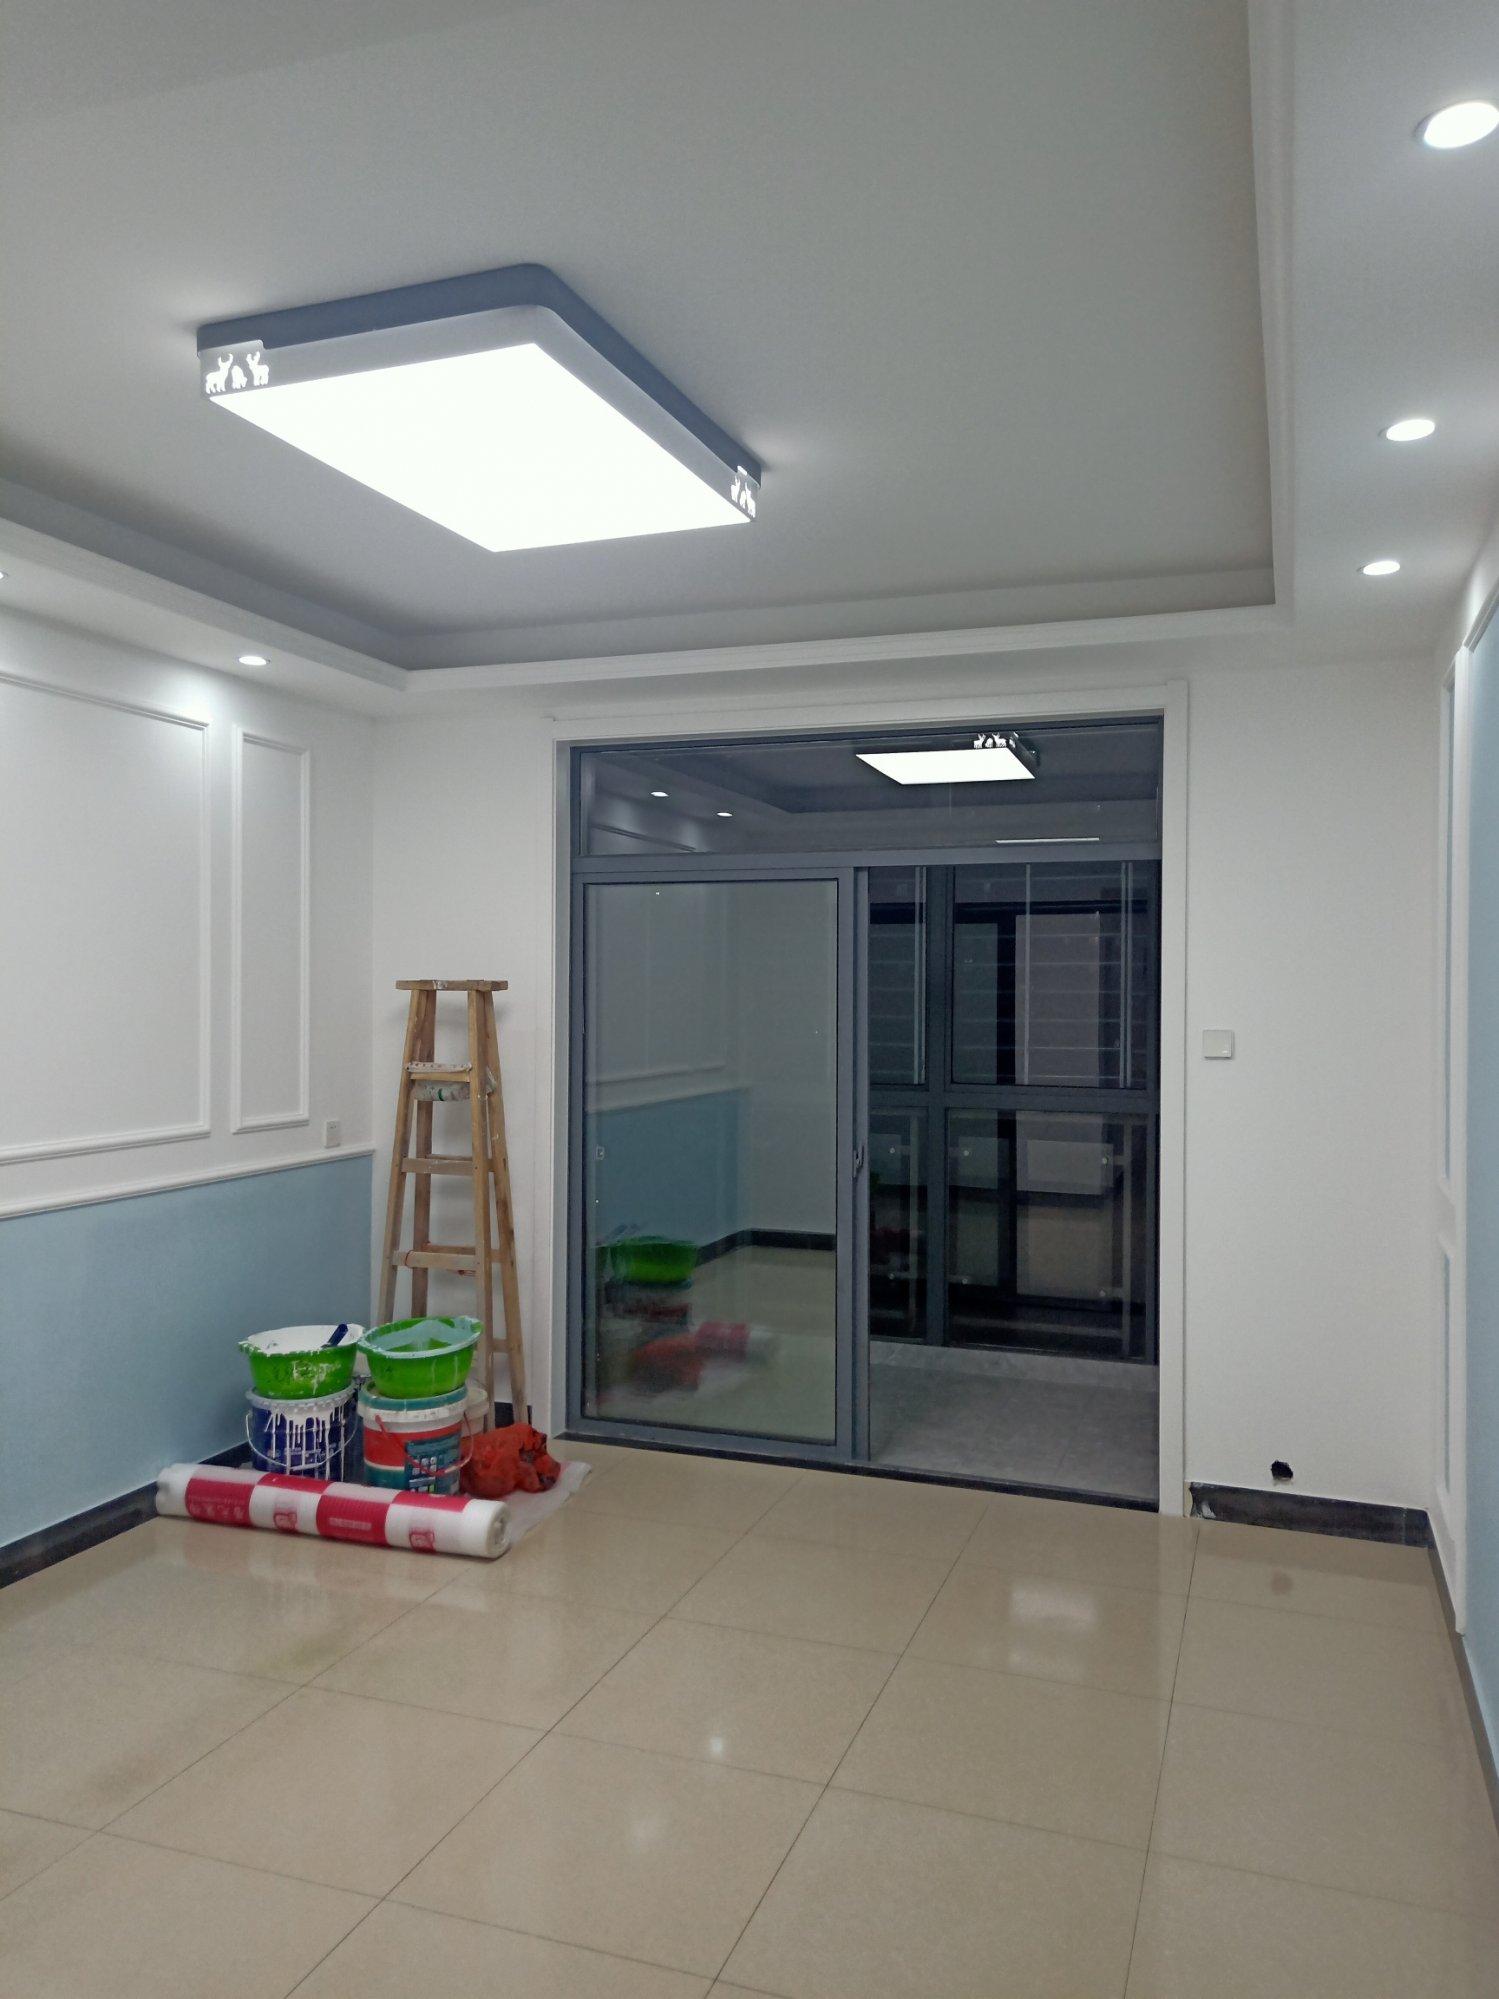 客厅厨房地板砖翻新